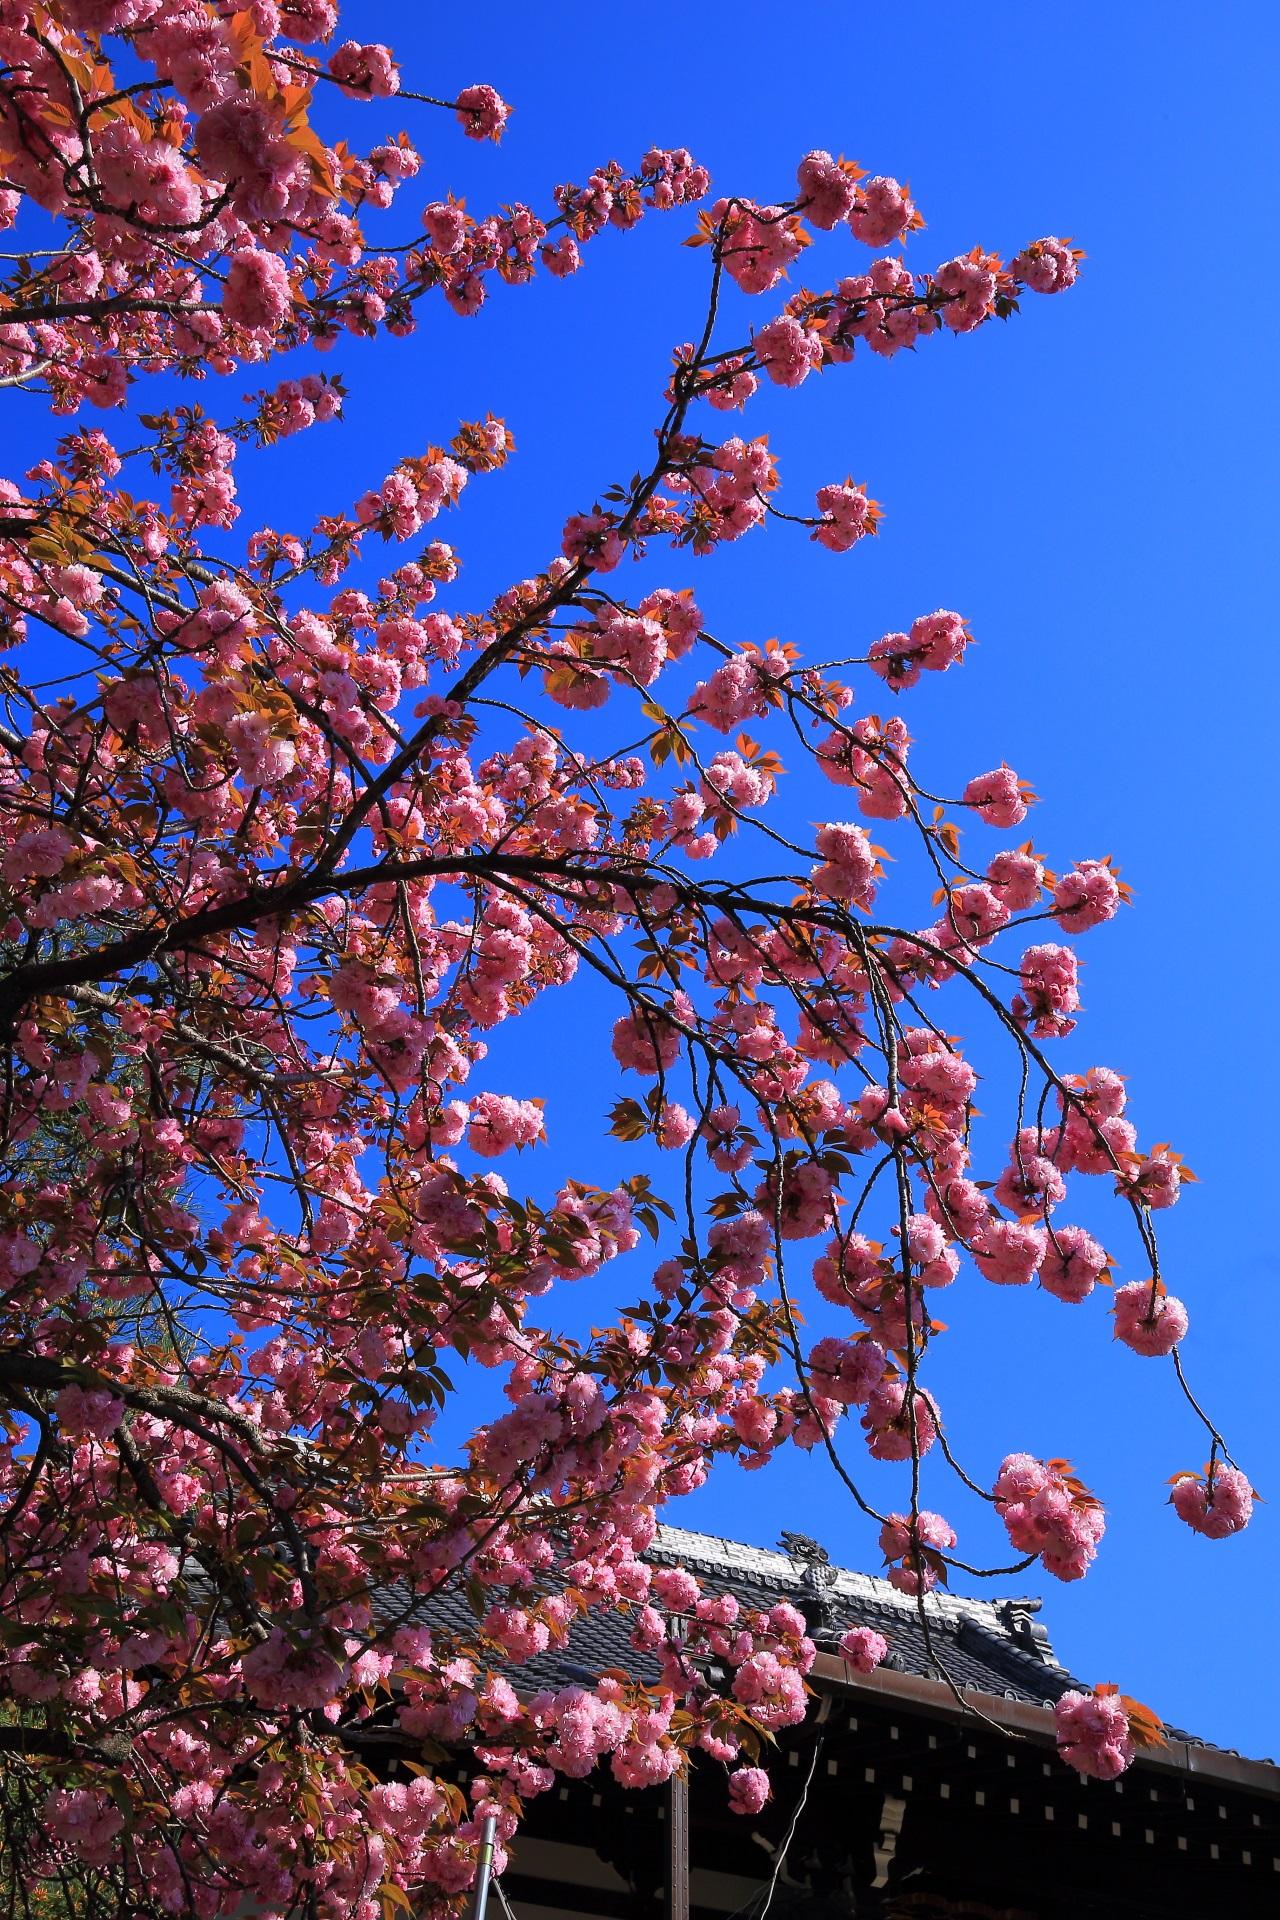 本満寺の素晴らしい桜と青空と春の情景